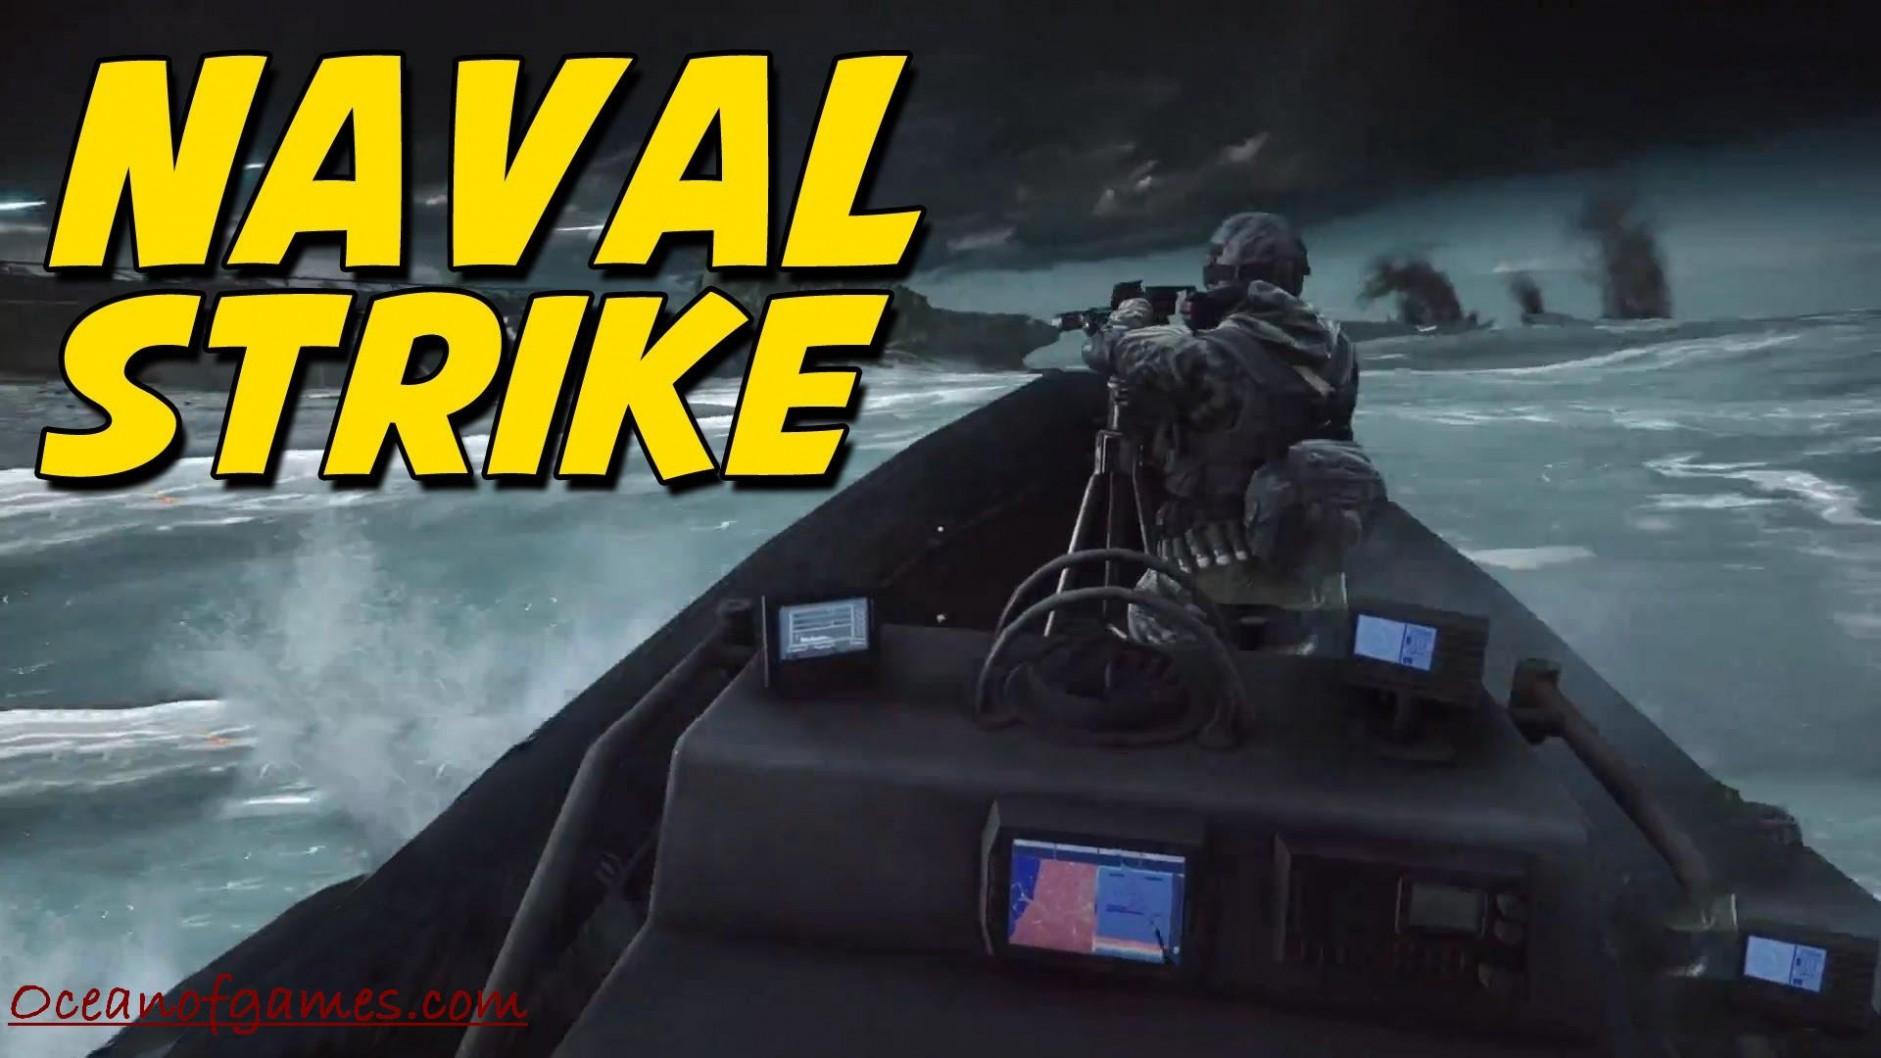 Naval Strike